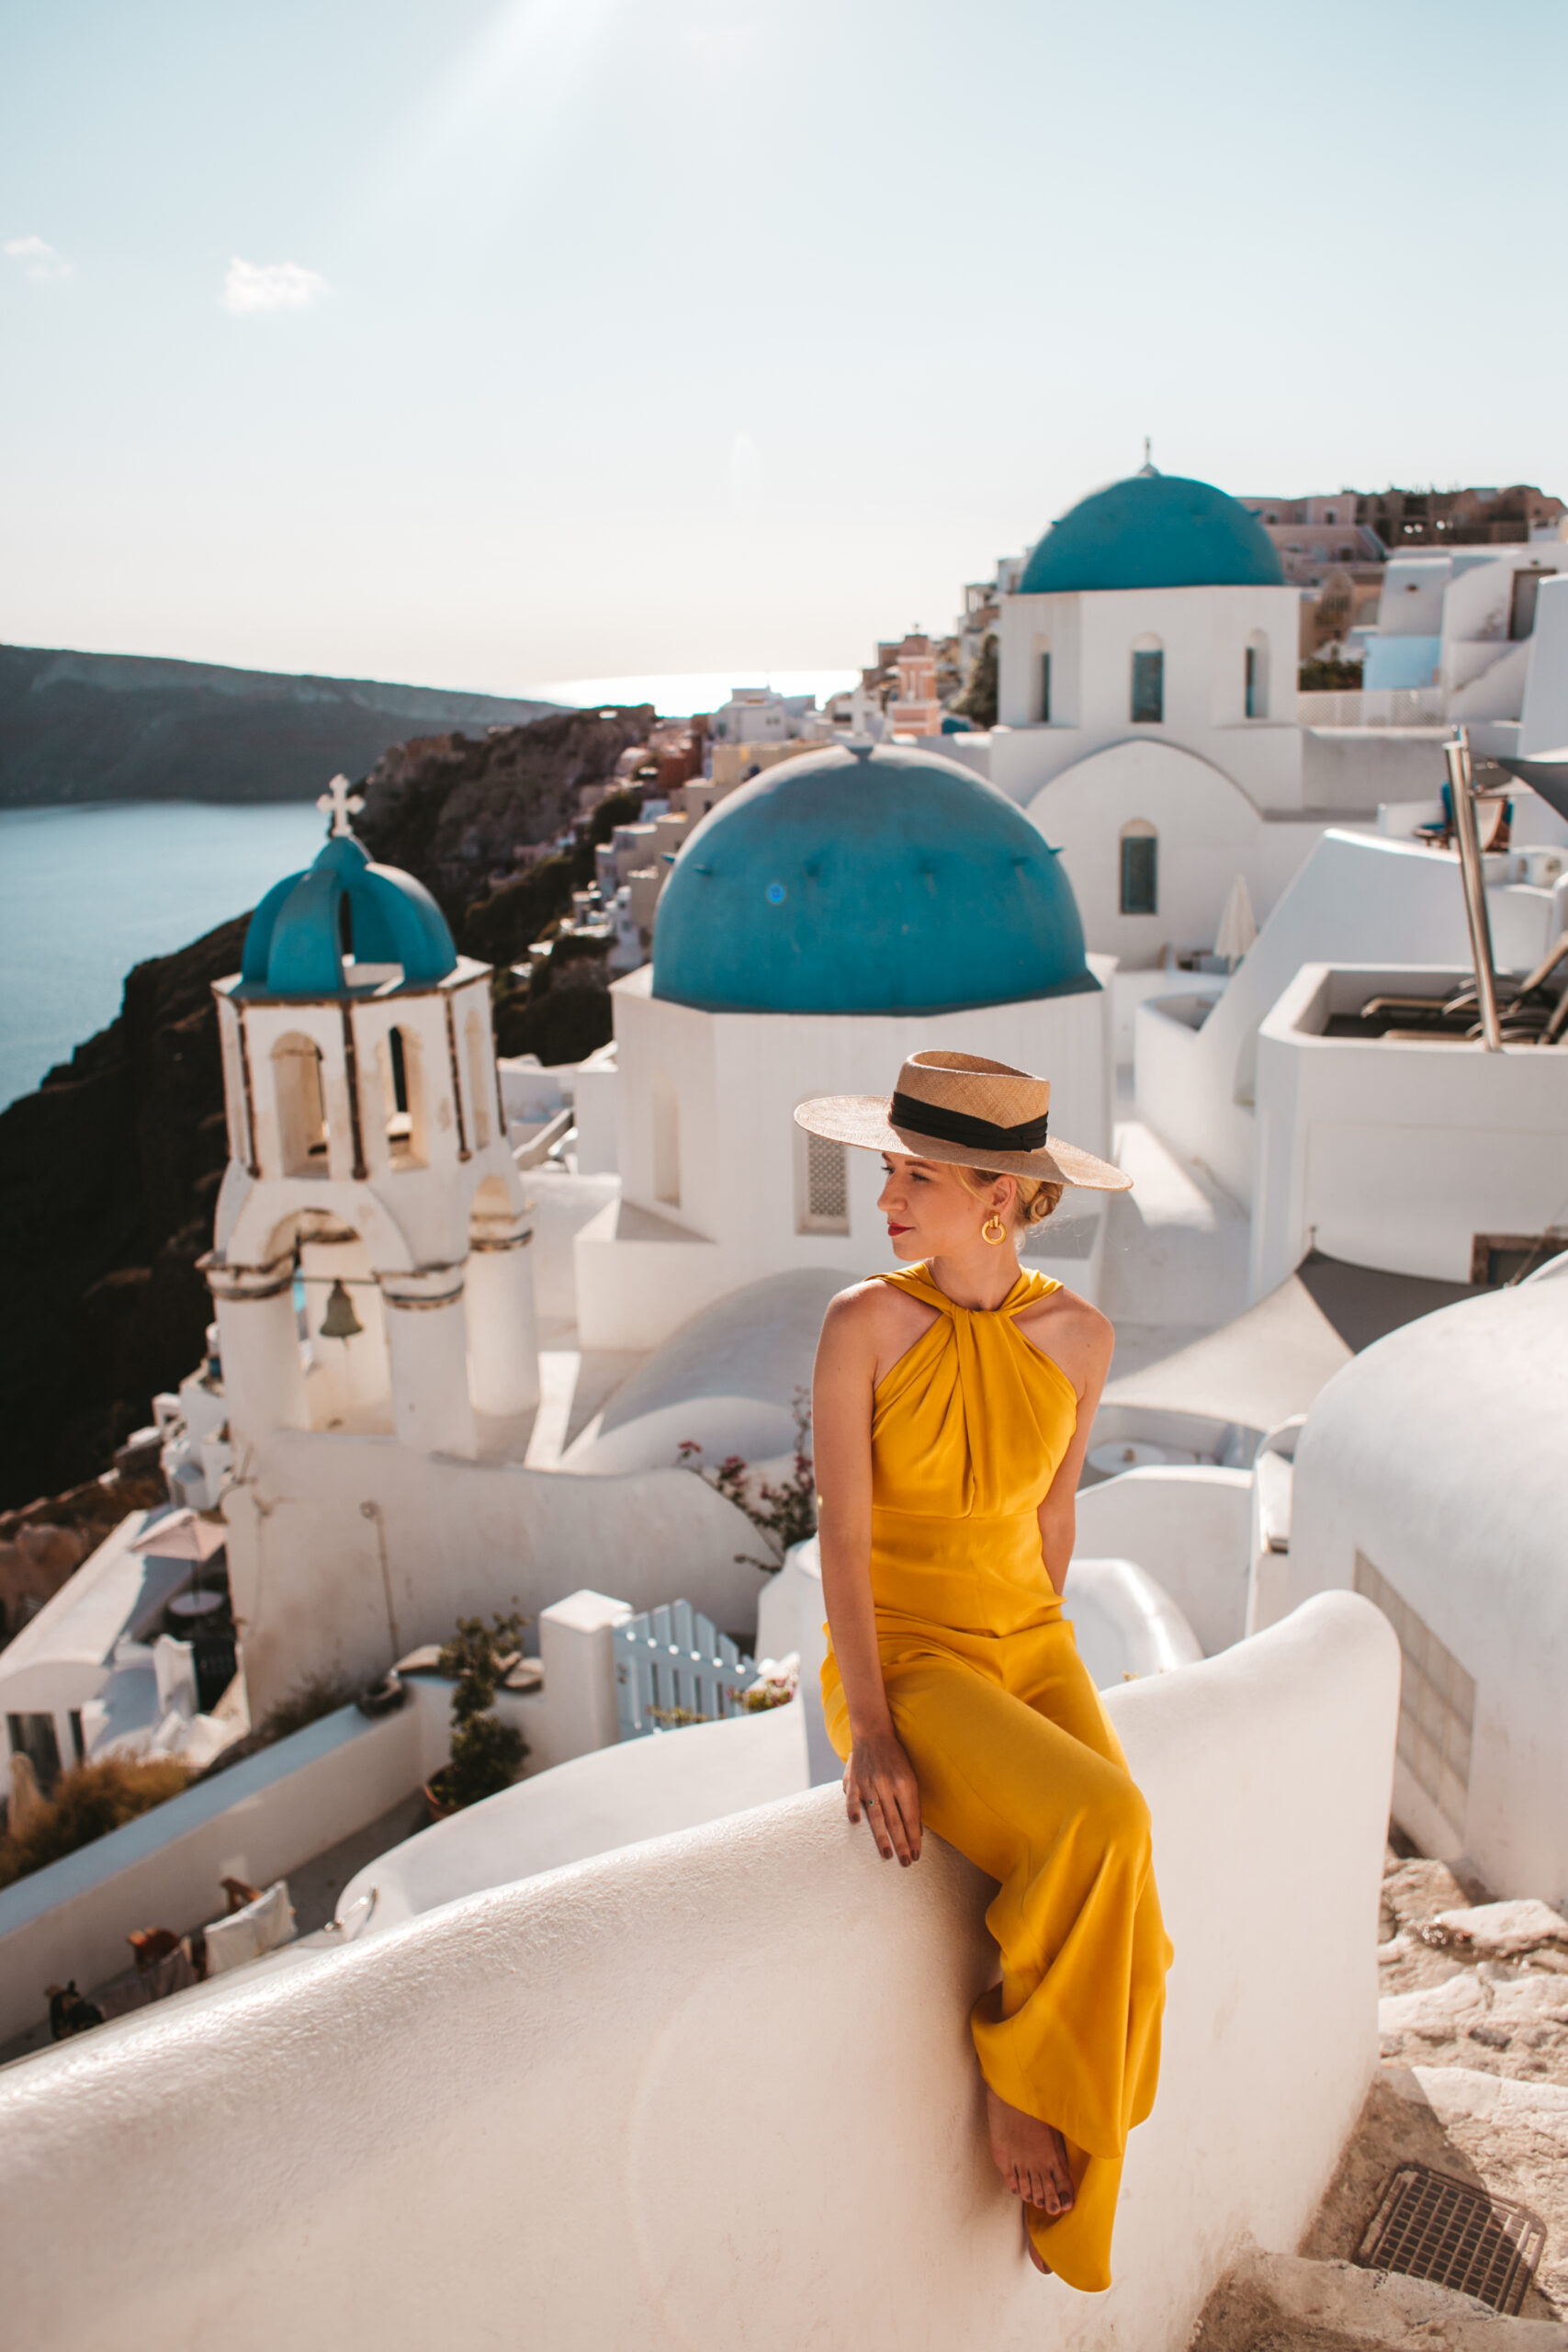 Saint Spyridon Church And Anastasis Church Oia, blue domes Oia, instagrammable place, Santorini Trip